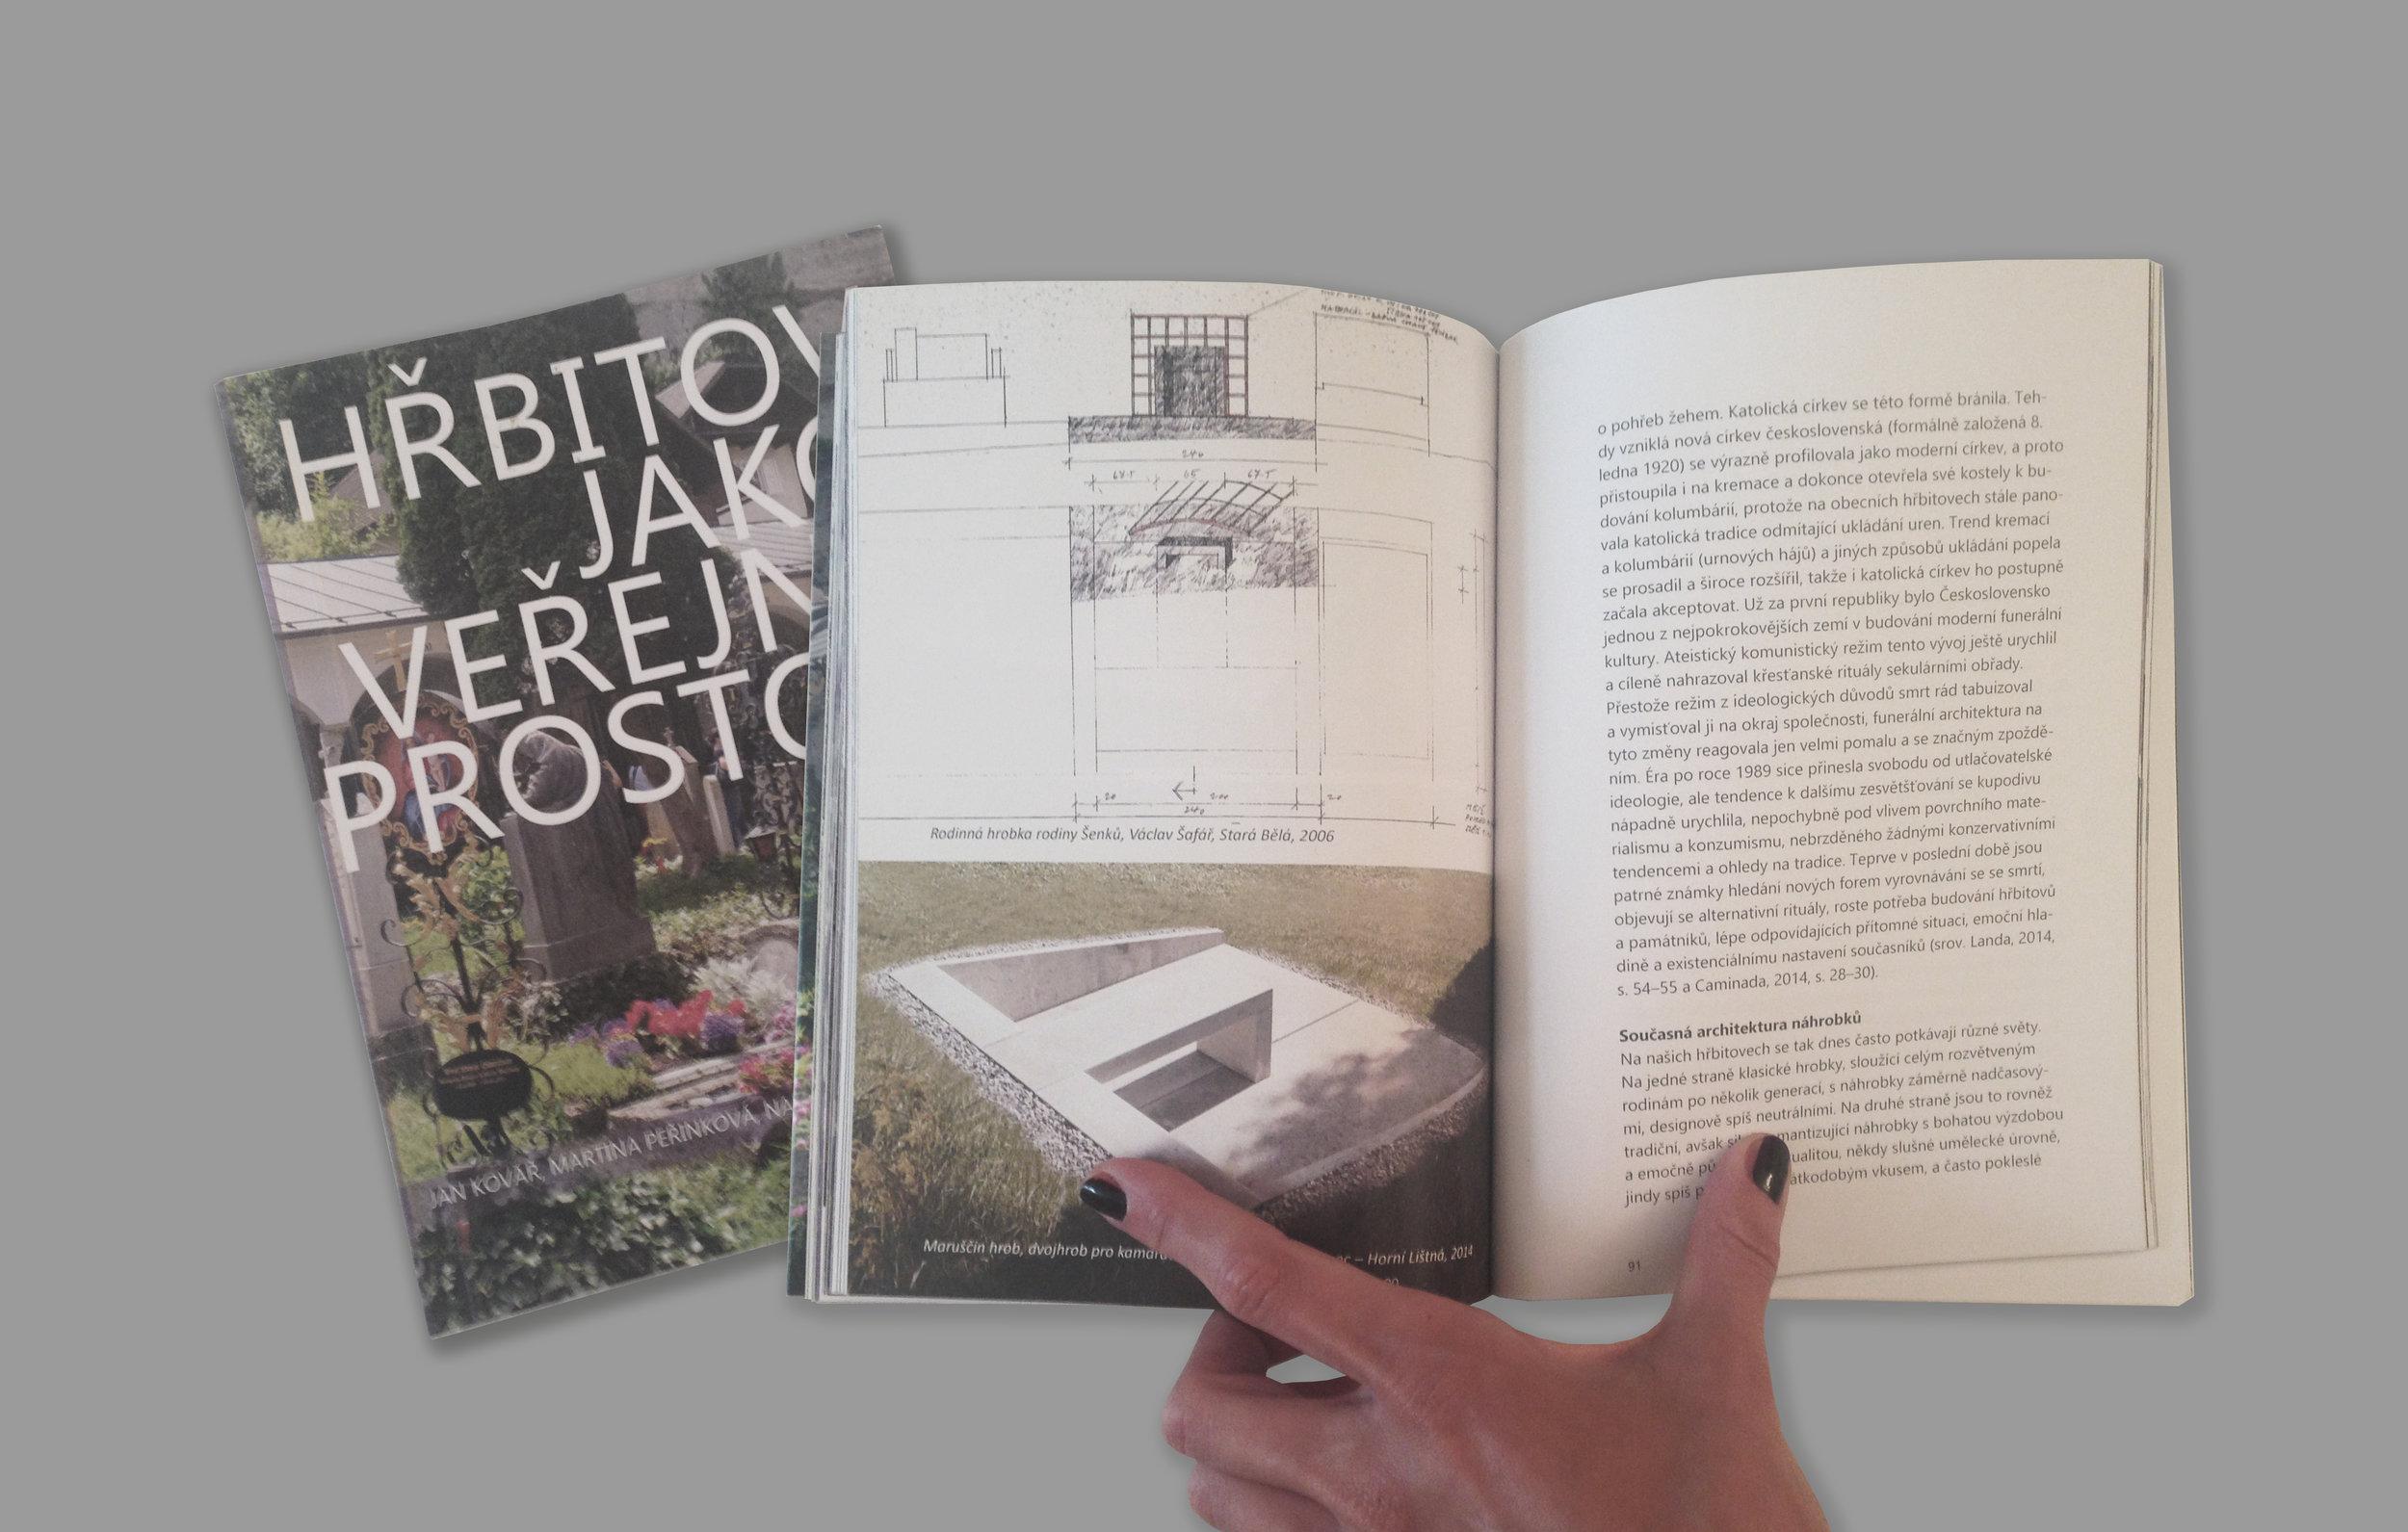 Realizace v knize - Hřbitov jako veřejný prostor -